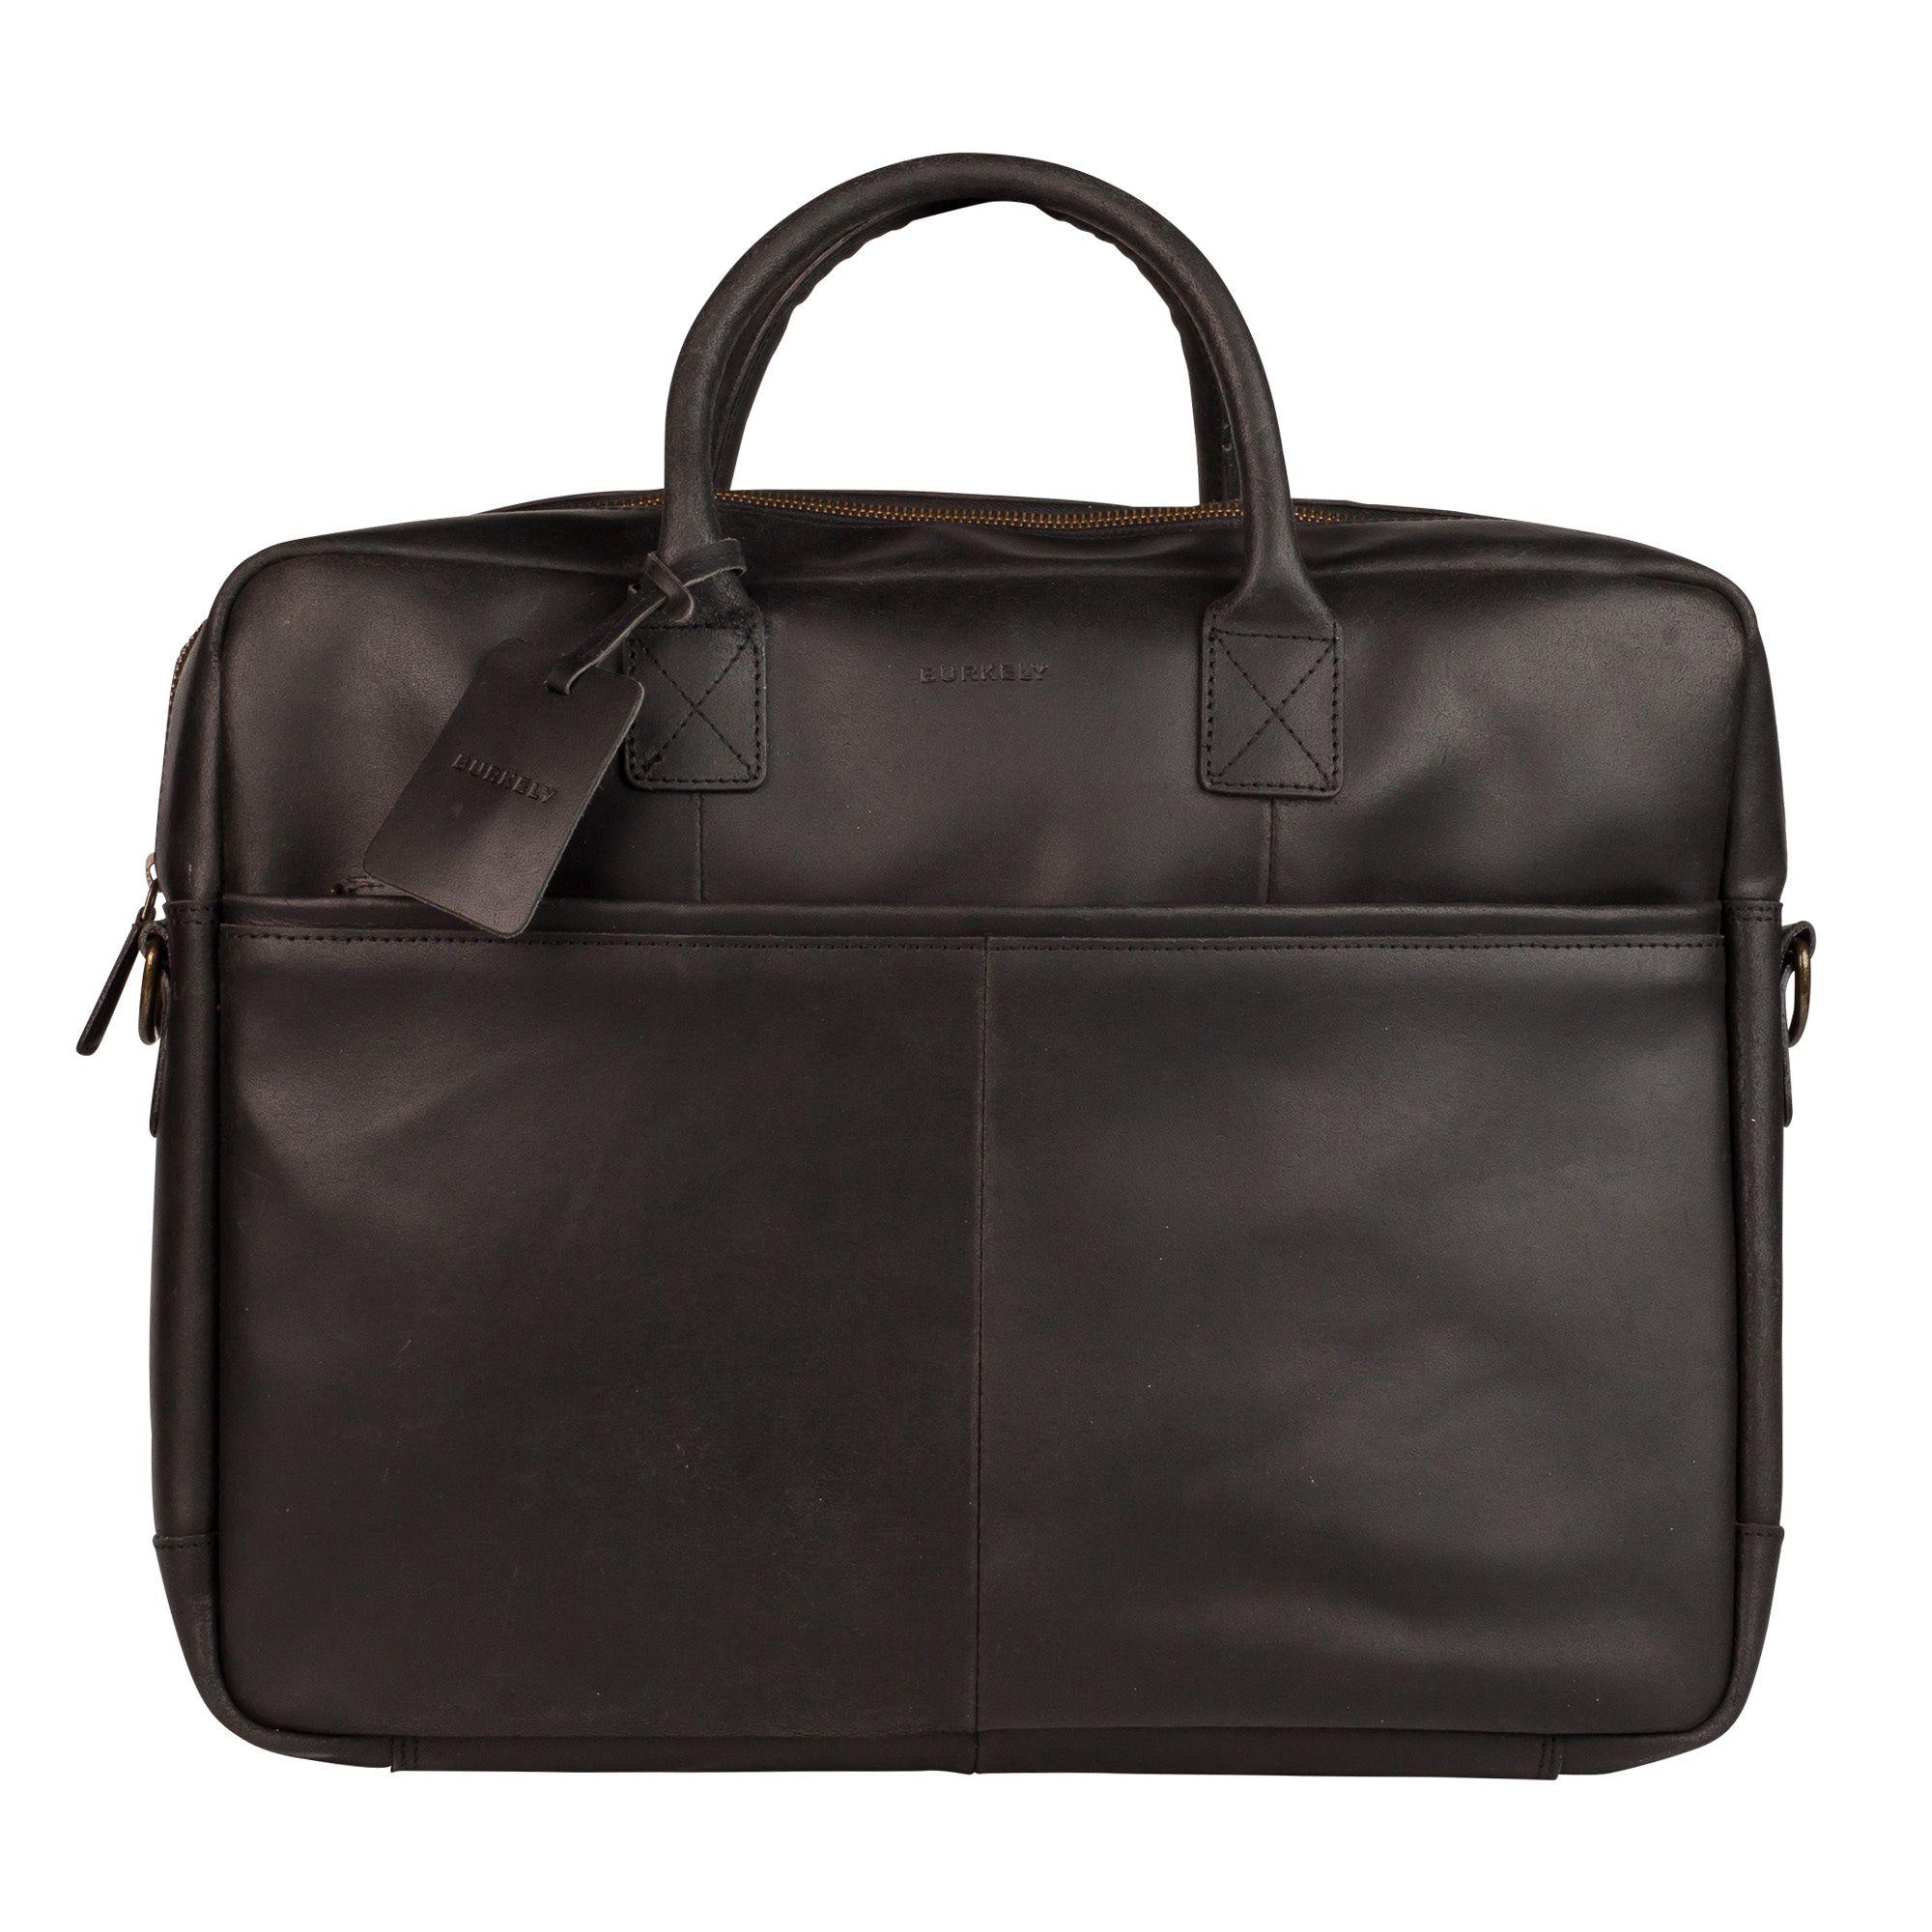 Laptoptas Burkely Max Vintage Business Shoulderbag Black 17 inch